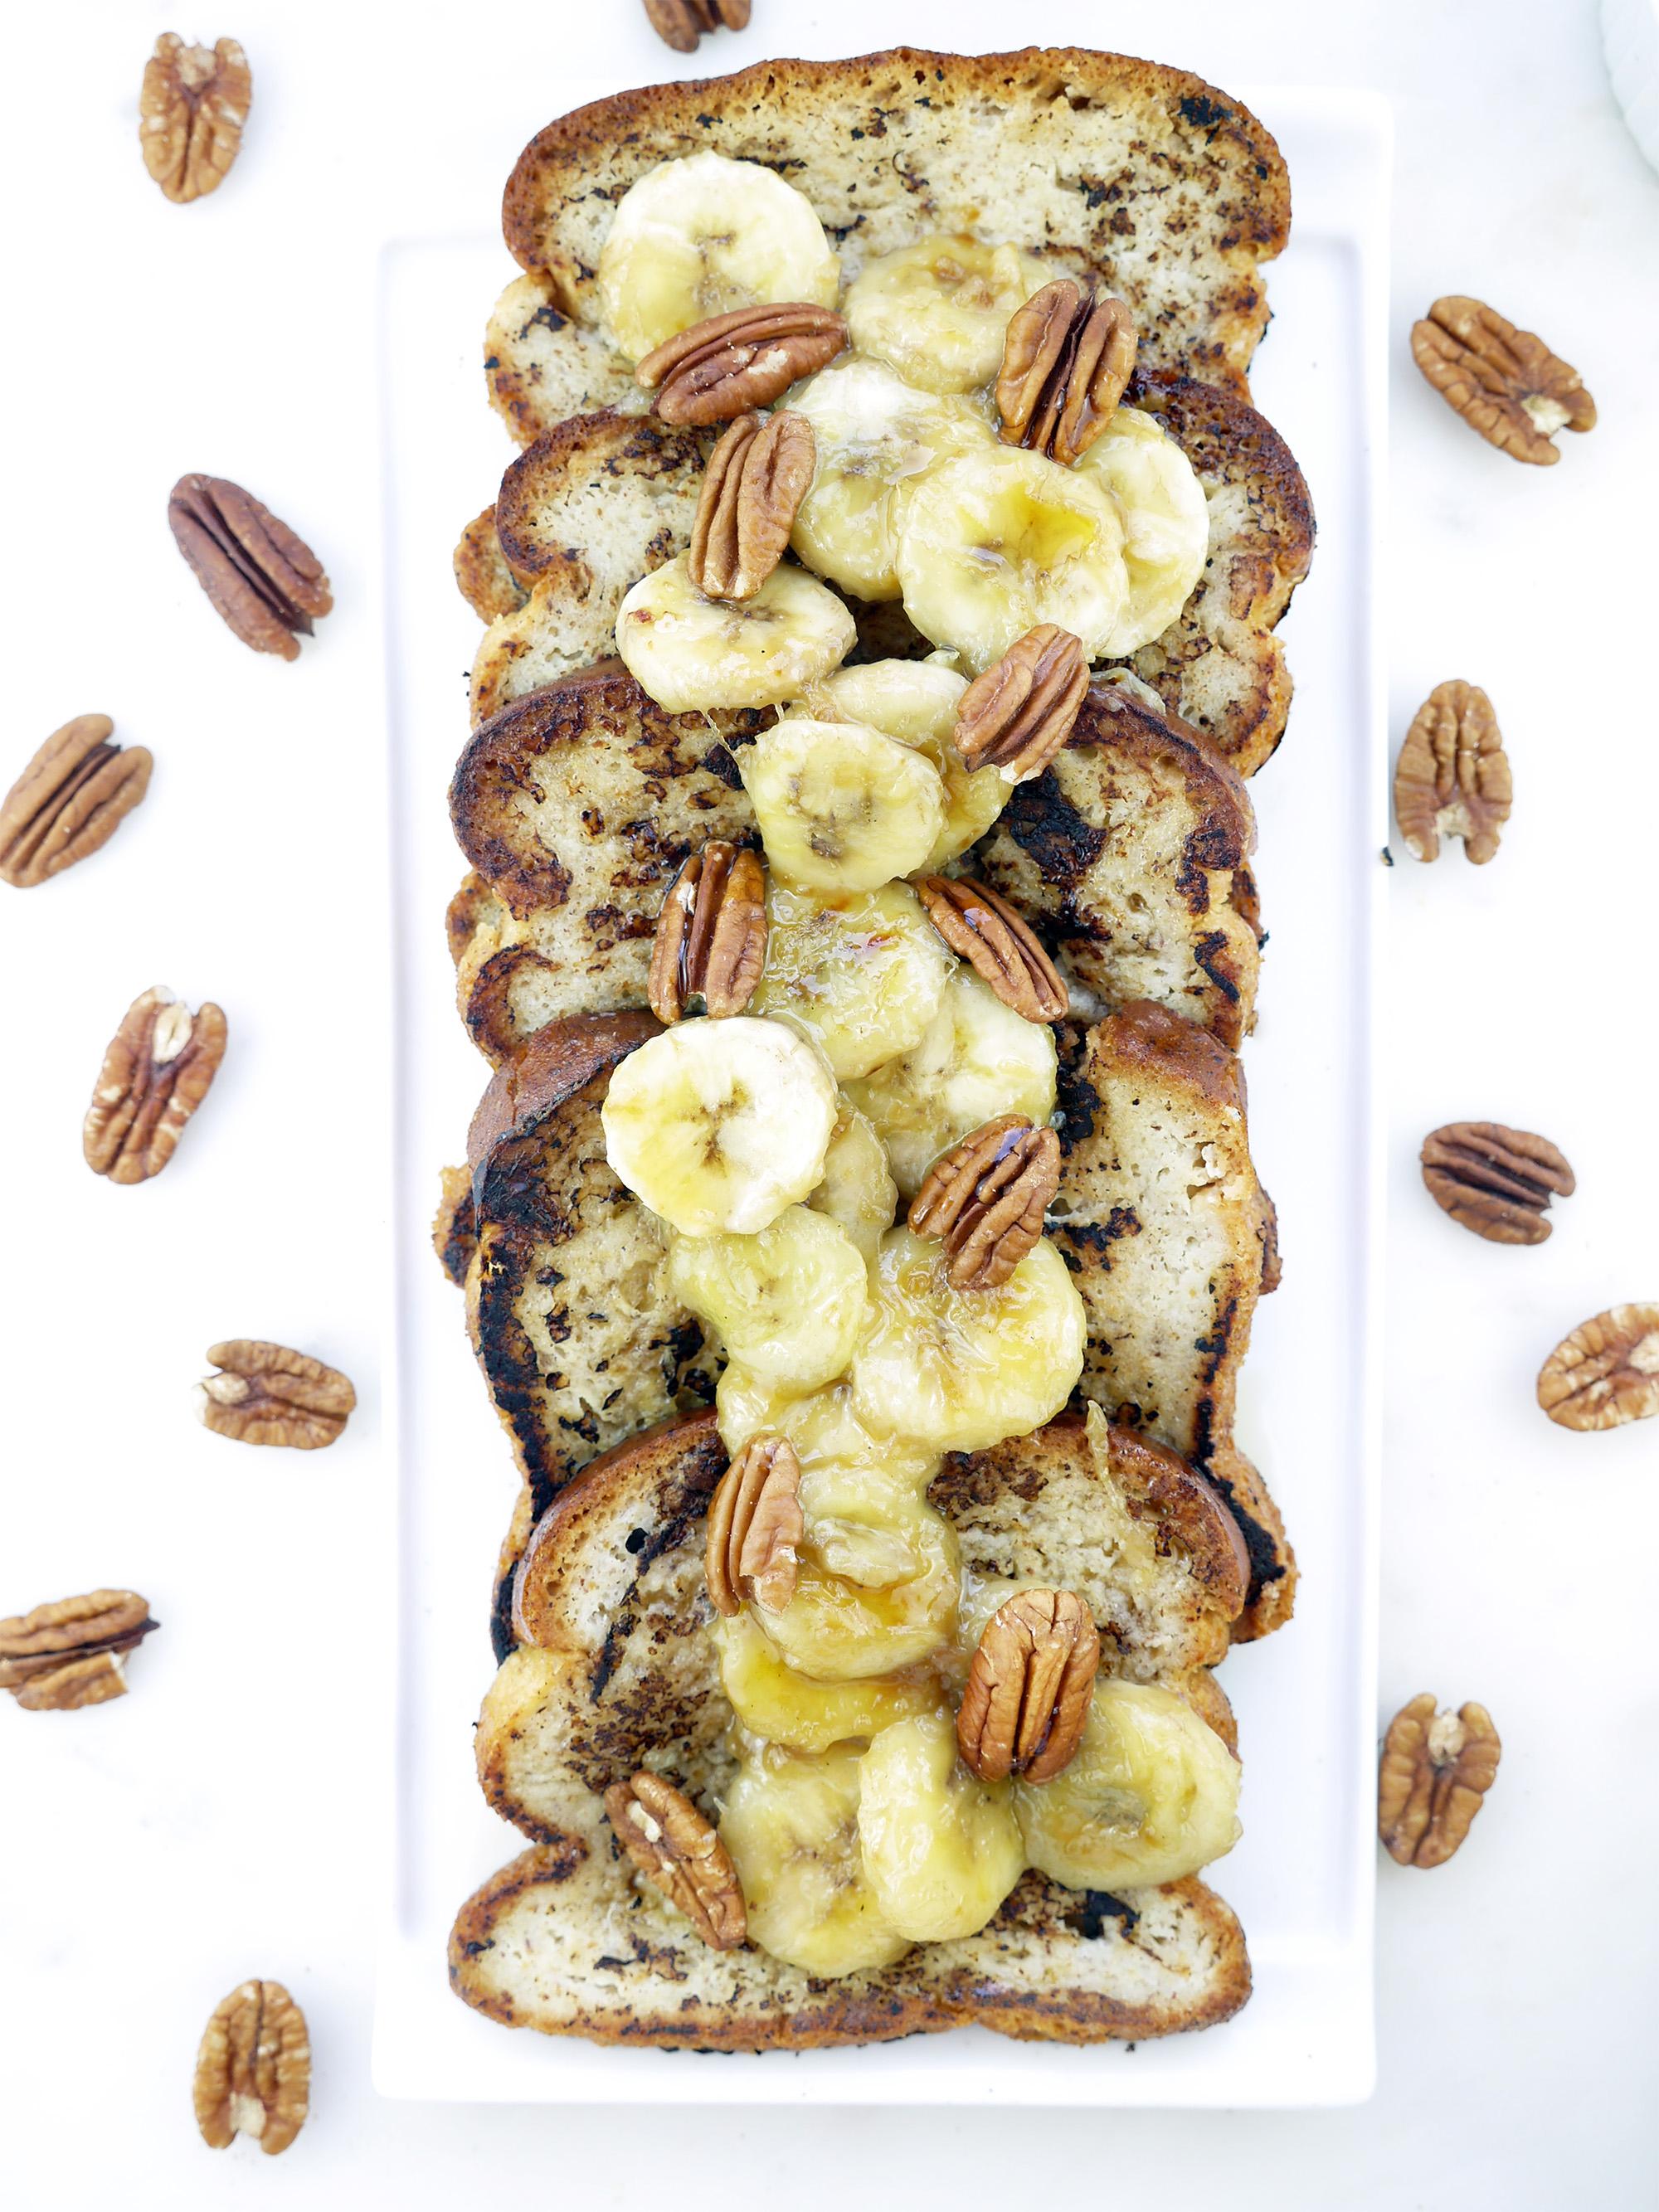 Udi's Gluten Free New Delicious Multigrain Sandwich Bread